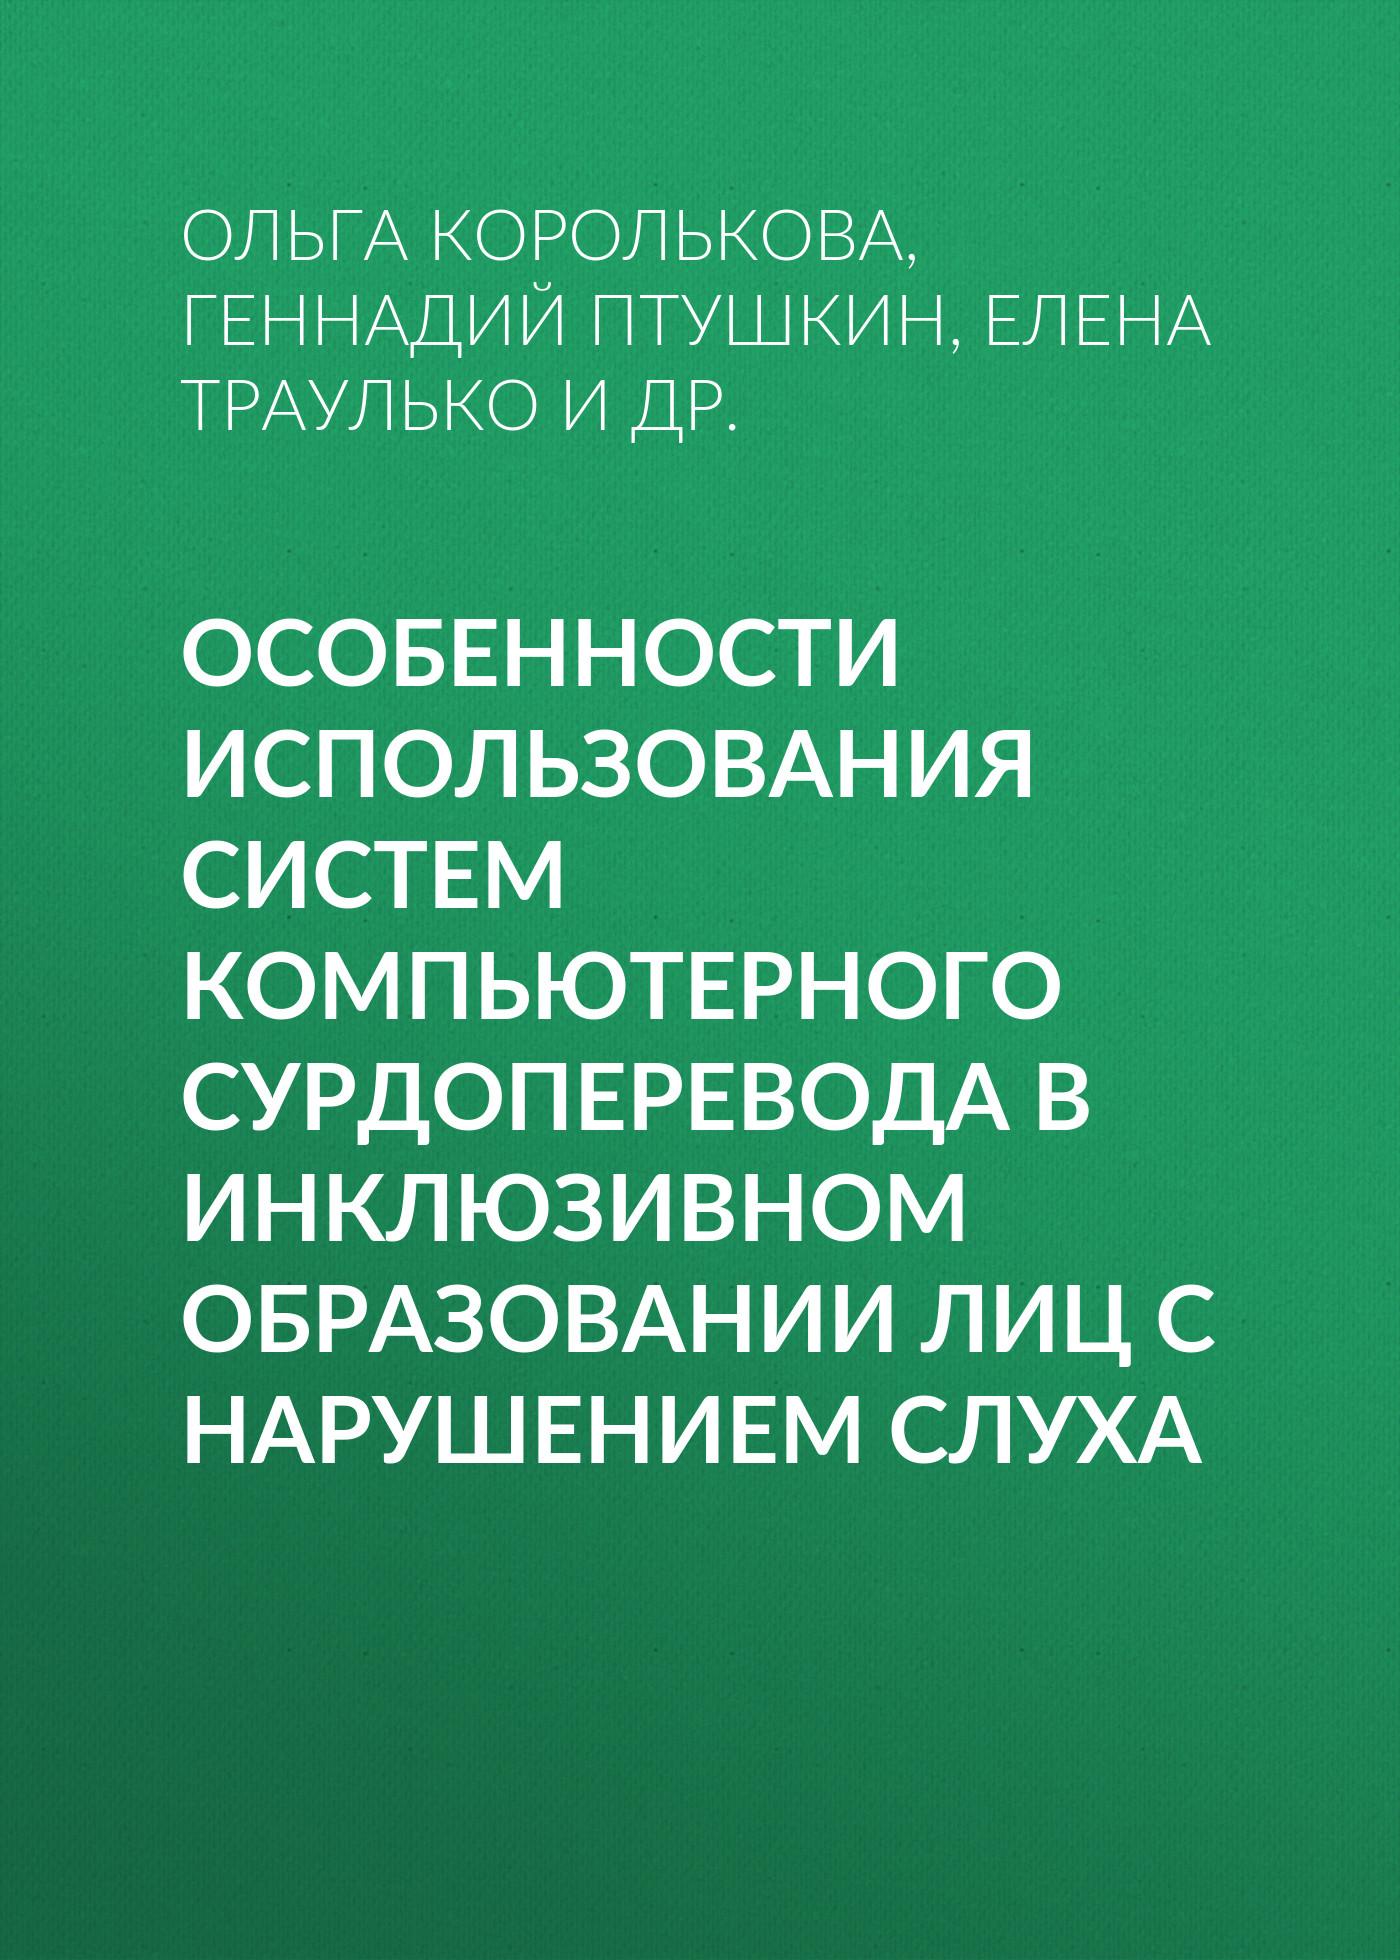 Геннадий Птушкин Особенности использования систем компьютерного сурдоперевода в инклюзивном образовании лиц с нарушением слуха а в еременко двухфакторная аутентификация пользователей компьютерных систем на удаленном сервере по клавиатурному почерку